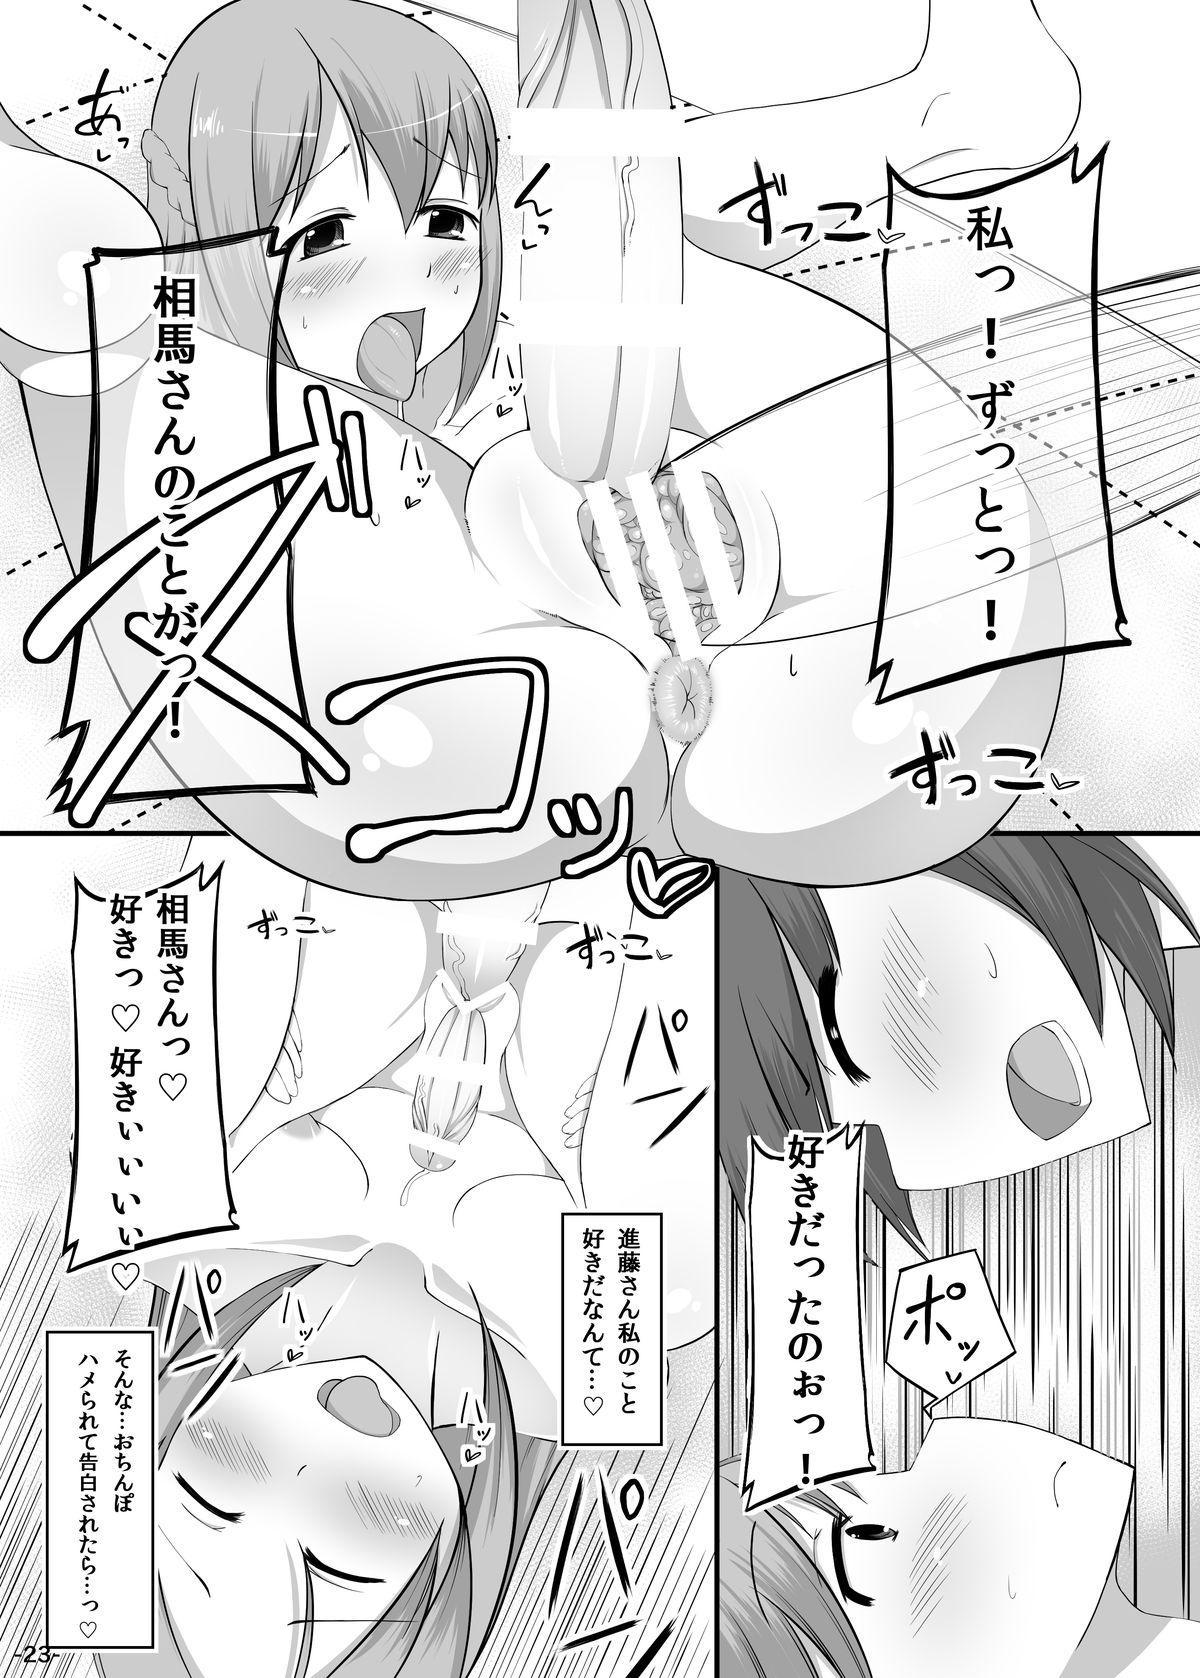 Futa Yuri 21